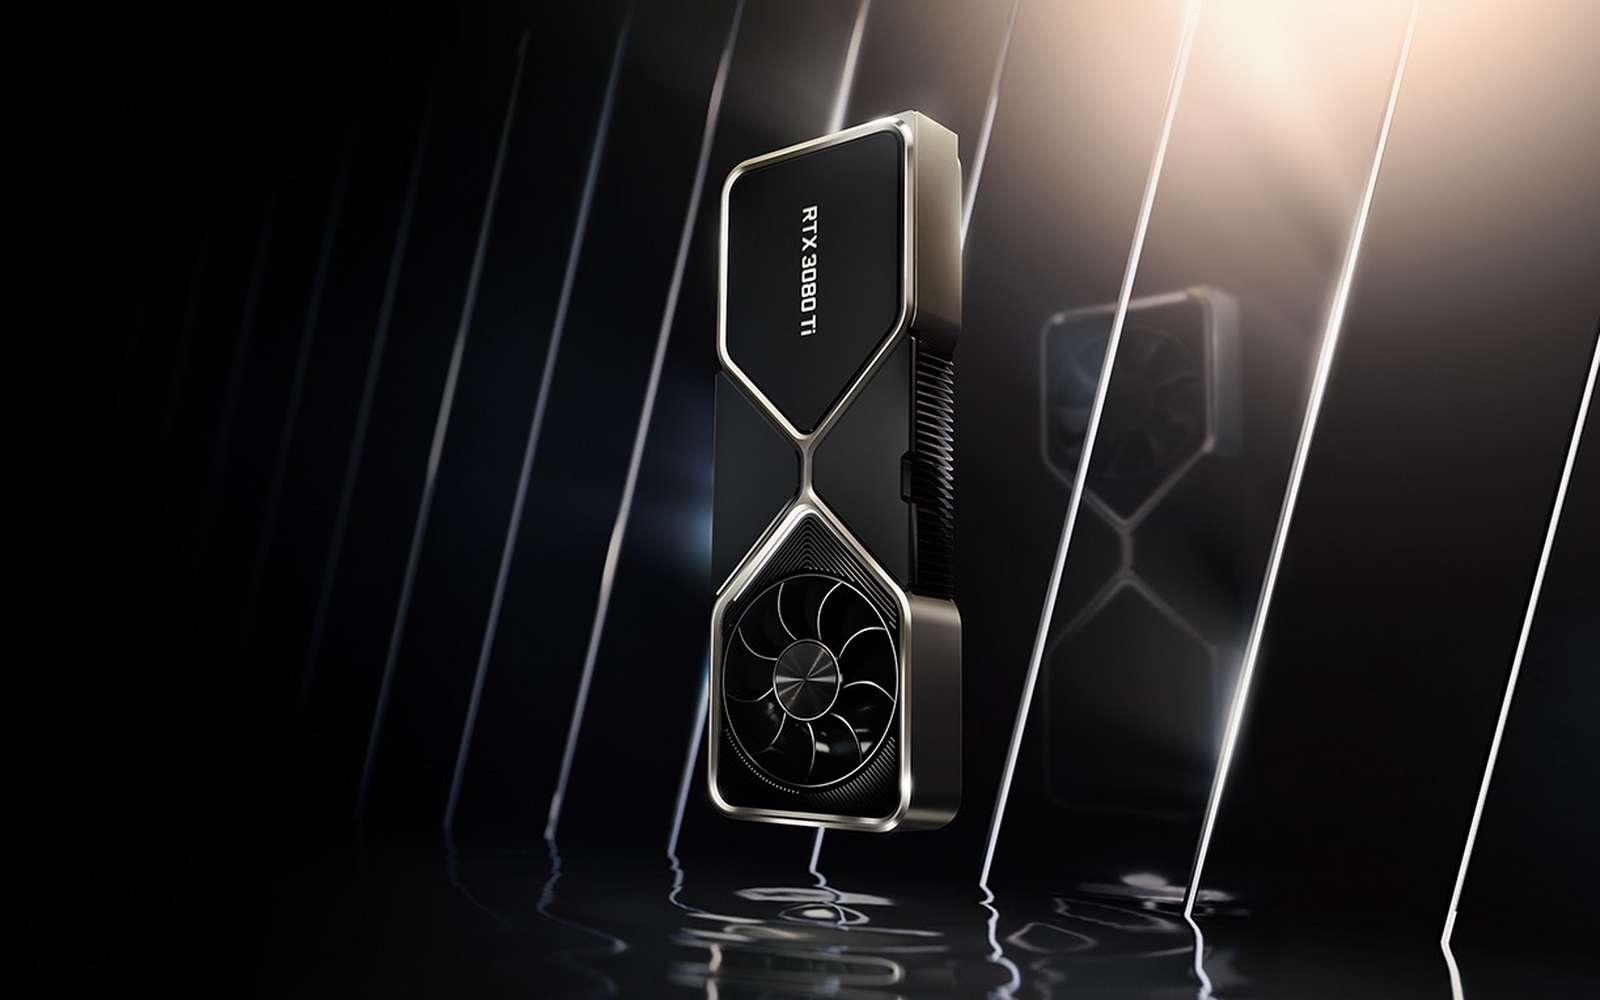 Les nouvelles cartes Geforce RTX 3080 Ti et 3070 Ti seront bridées pour le minage de cryptomonnaies. © Nvidia